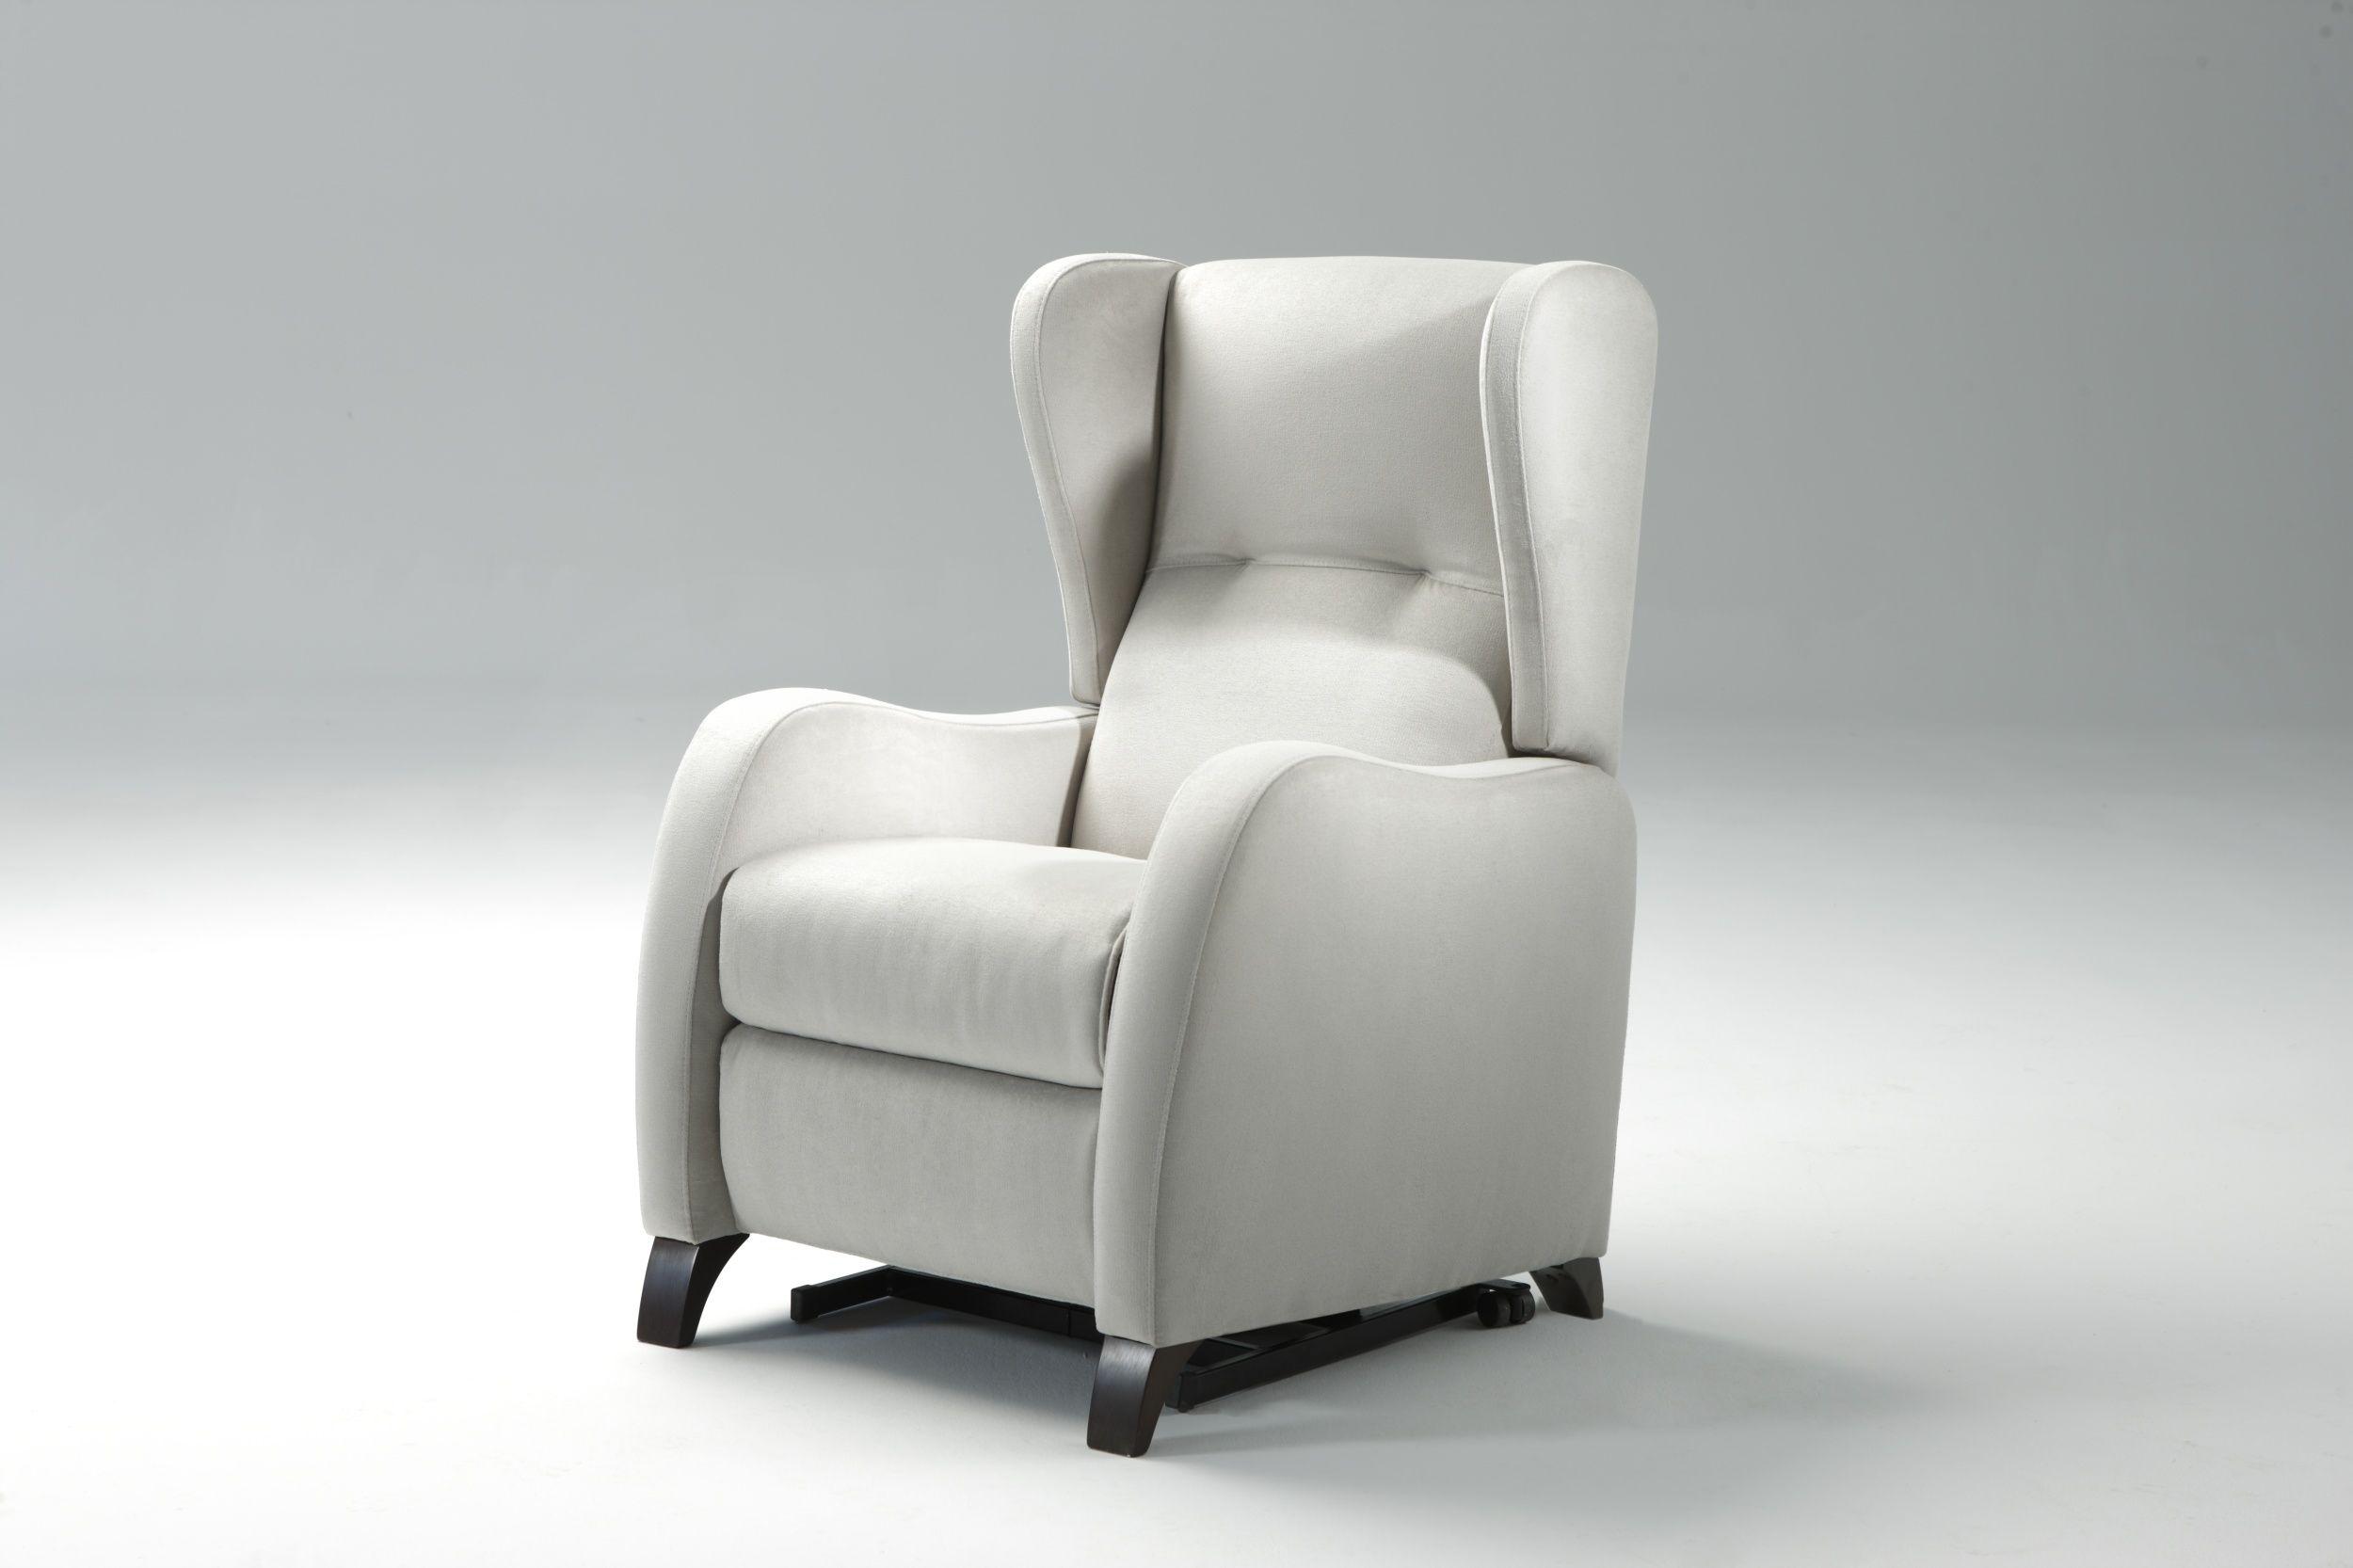 precios sofas ta quatro extra large sofa tienda de sofás en logroño model y tapizados